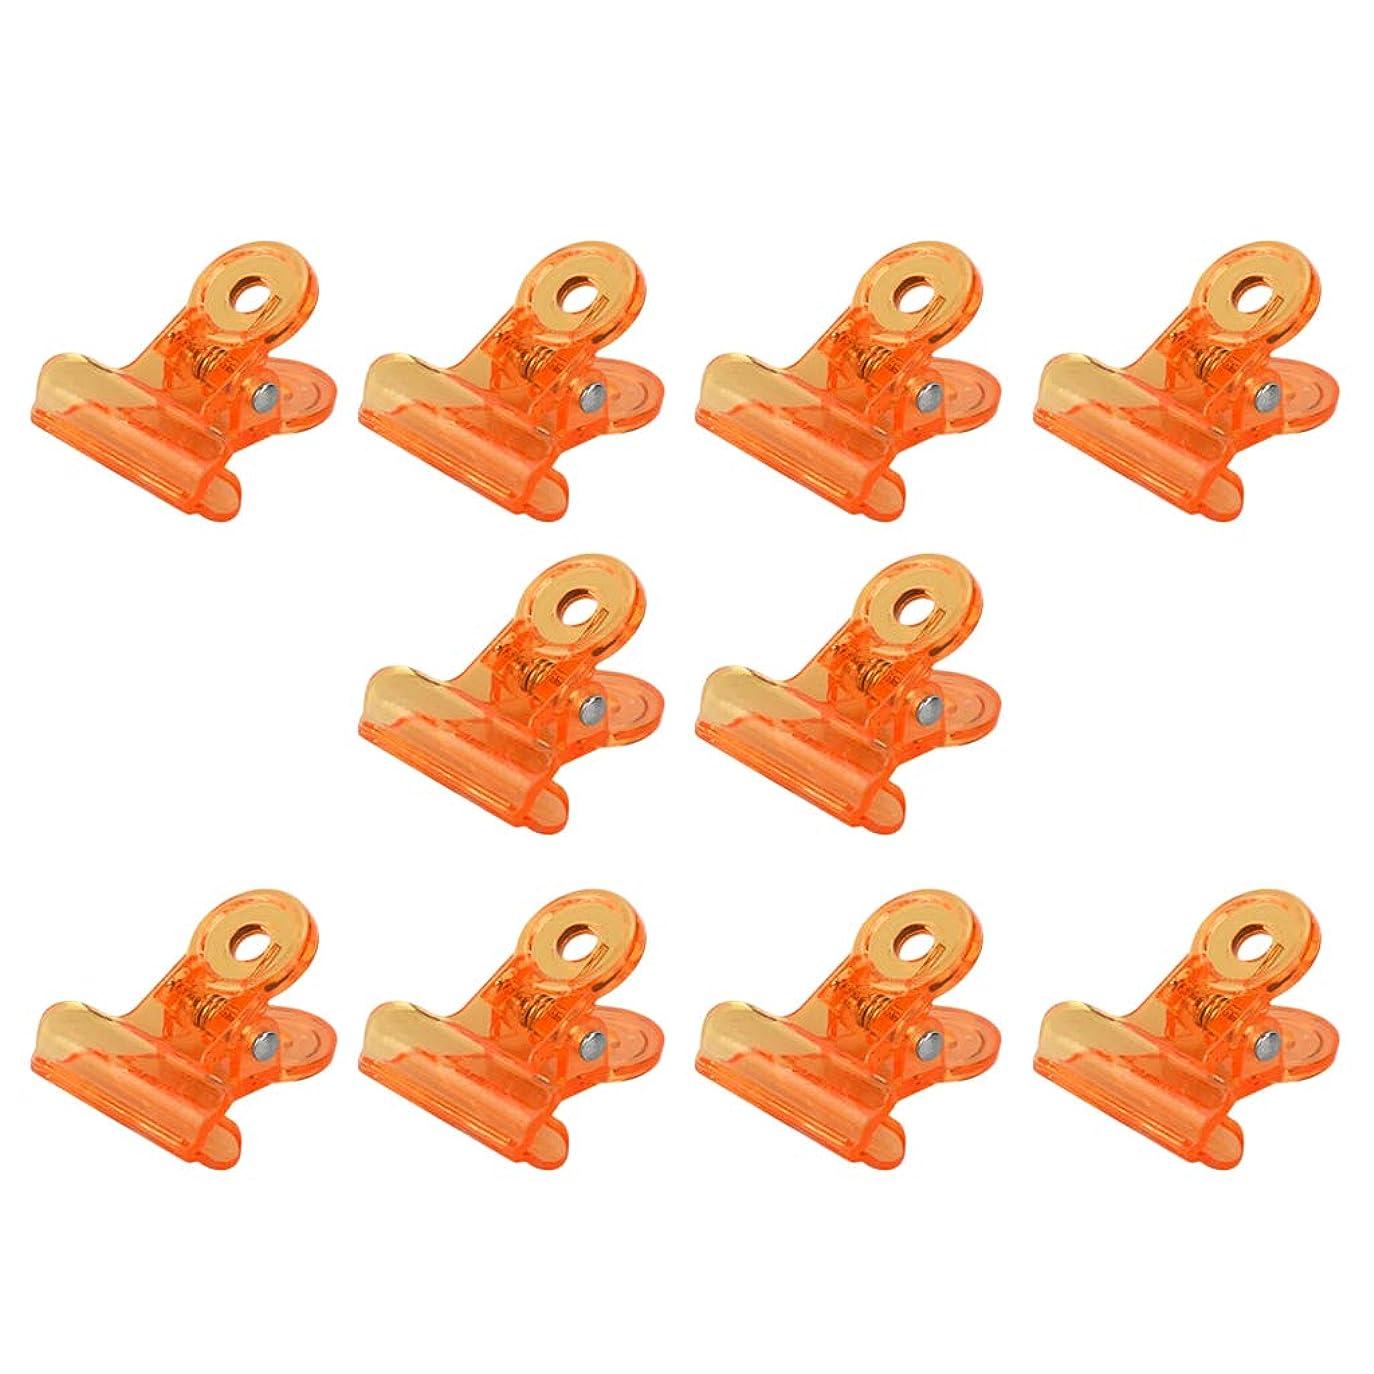 オリエンタル有益注ぎますSM SunniMix アクリル ネイルポリッシュリムーバー クリップ ネイルアート オフクリップ 10個セット 全4色 - オレンジ